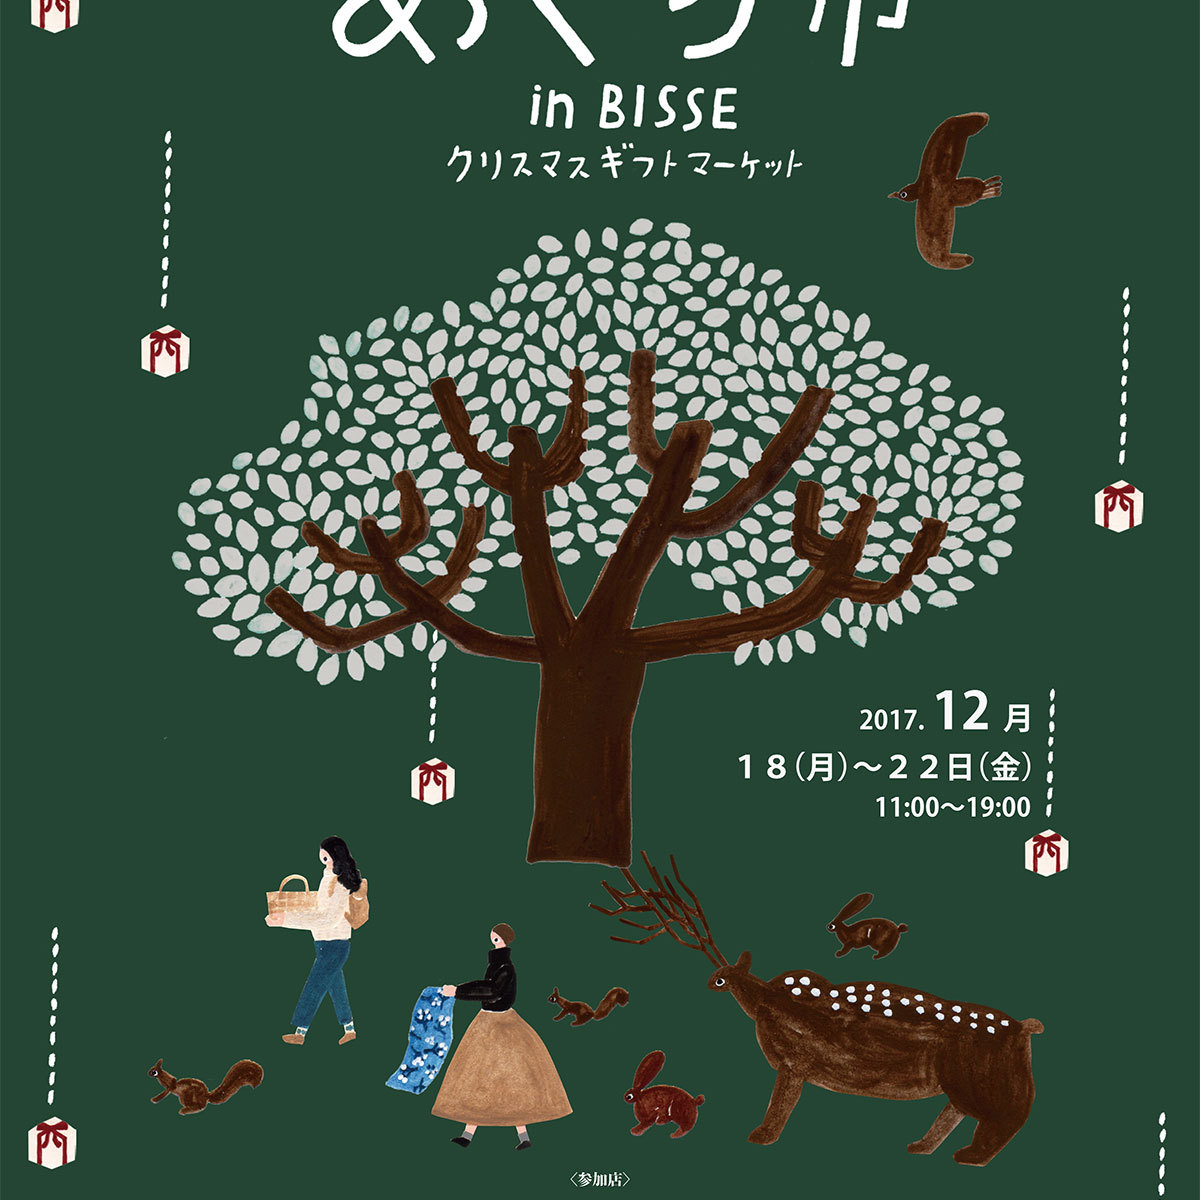 【めぐり市 in BISSE クリスマスギフトマーケット】